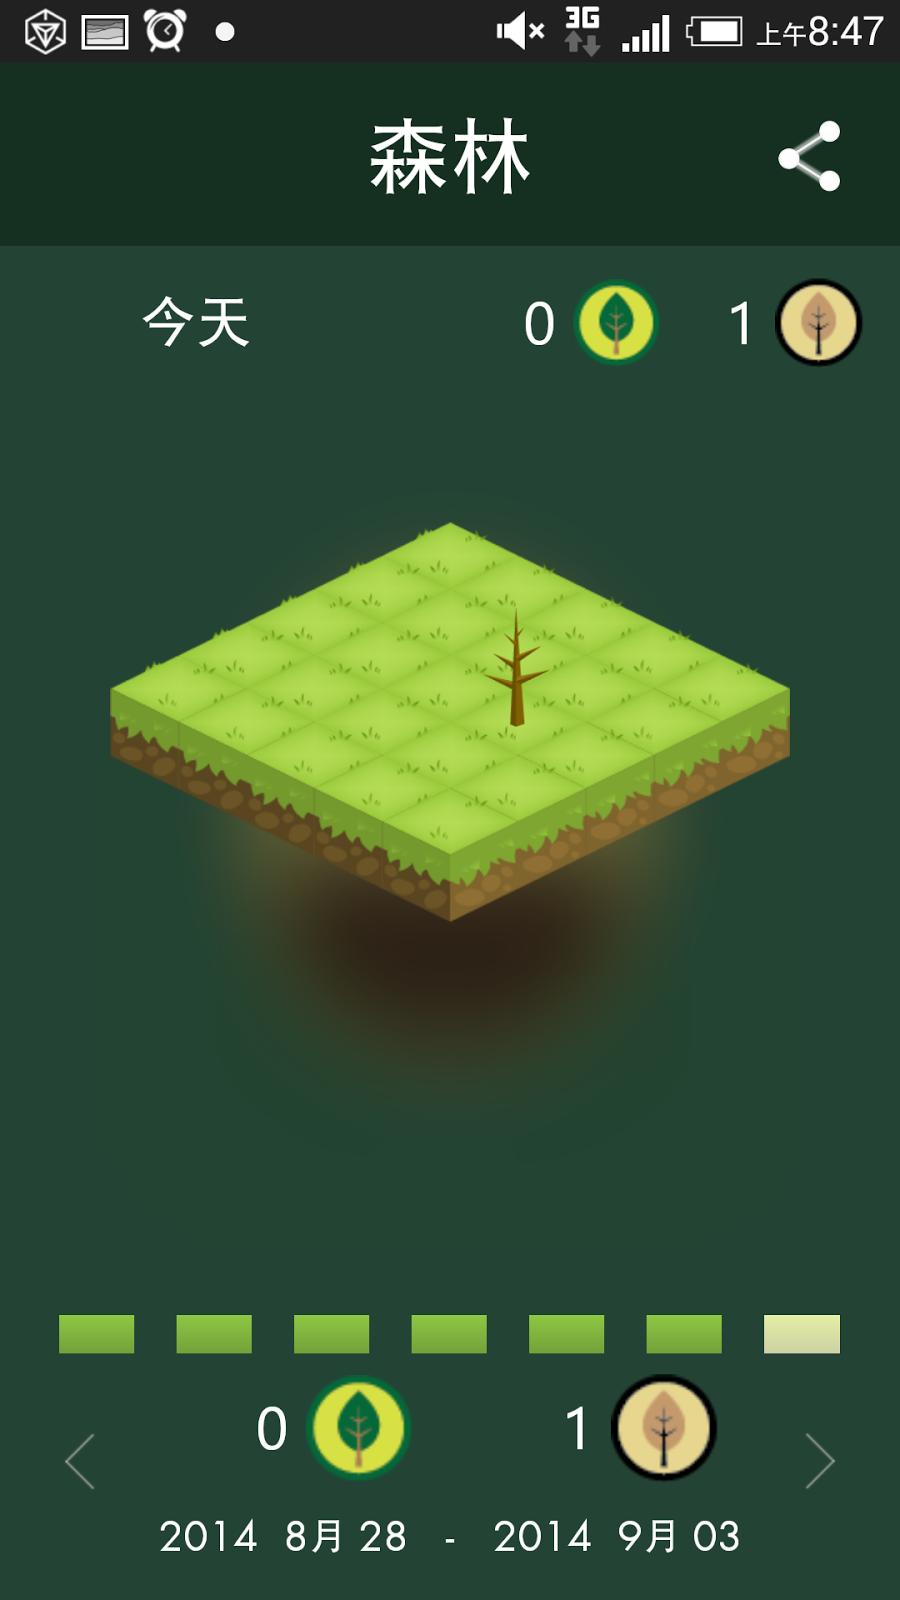 Forest 用專注力養育一片森林,動人的時間管理 App Forest-08